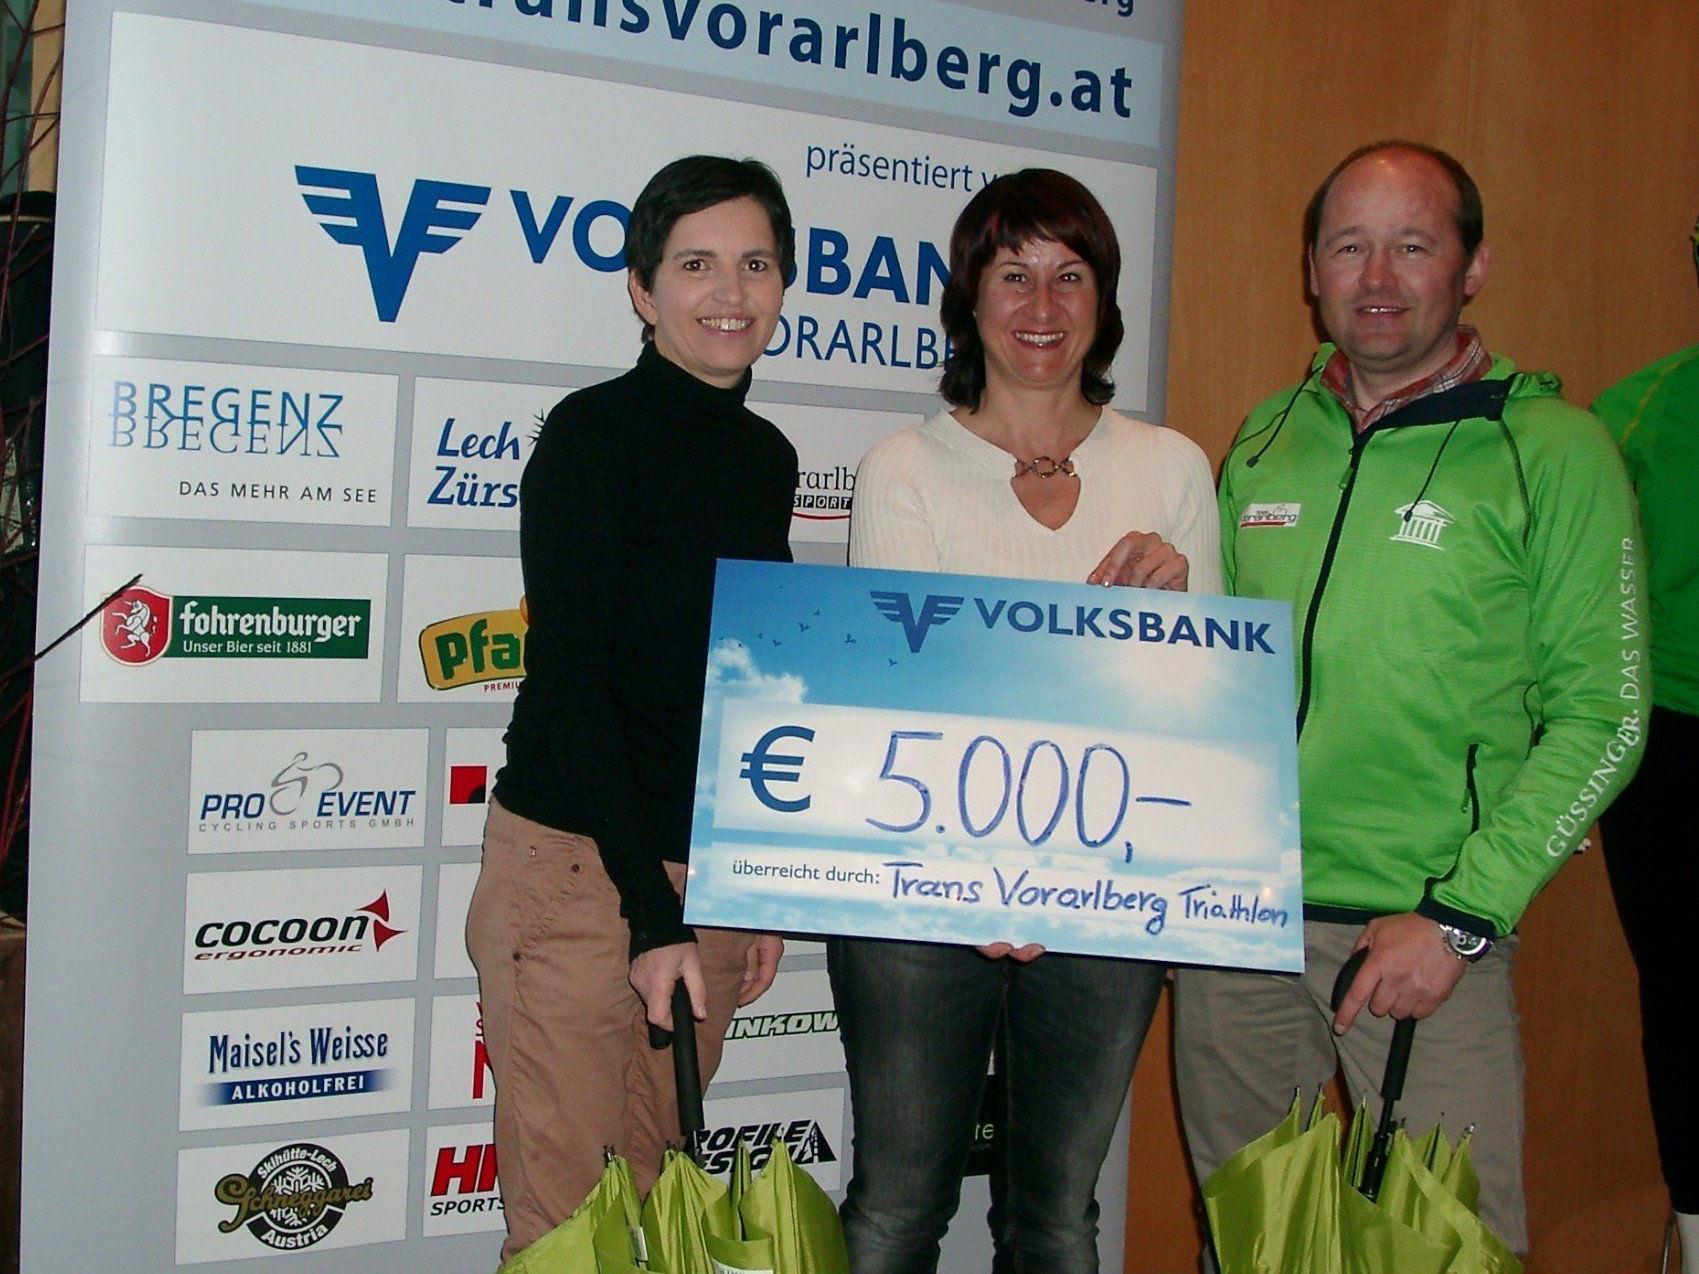 Thomas Kofler und Sabine Wittwer überreichten an Susanne Marosch einen Scheck von 5000 Euro.